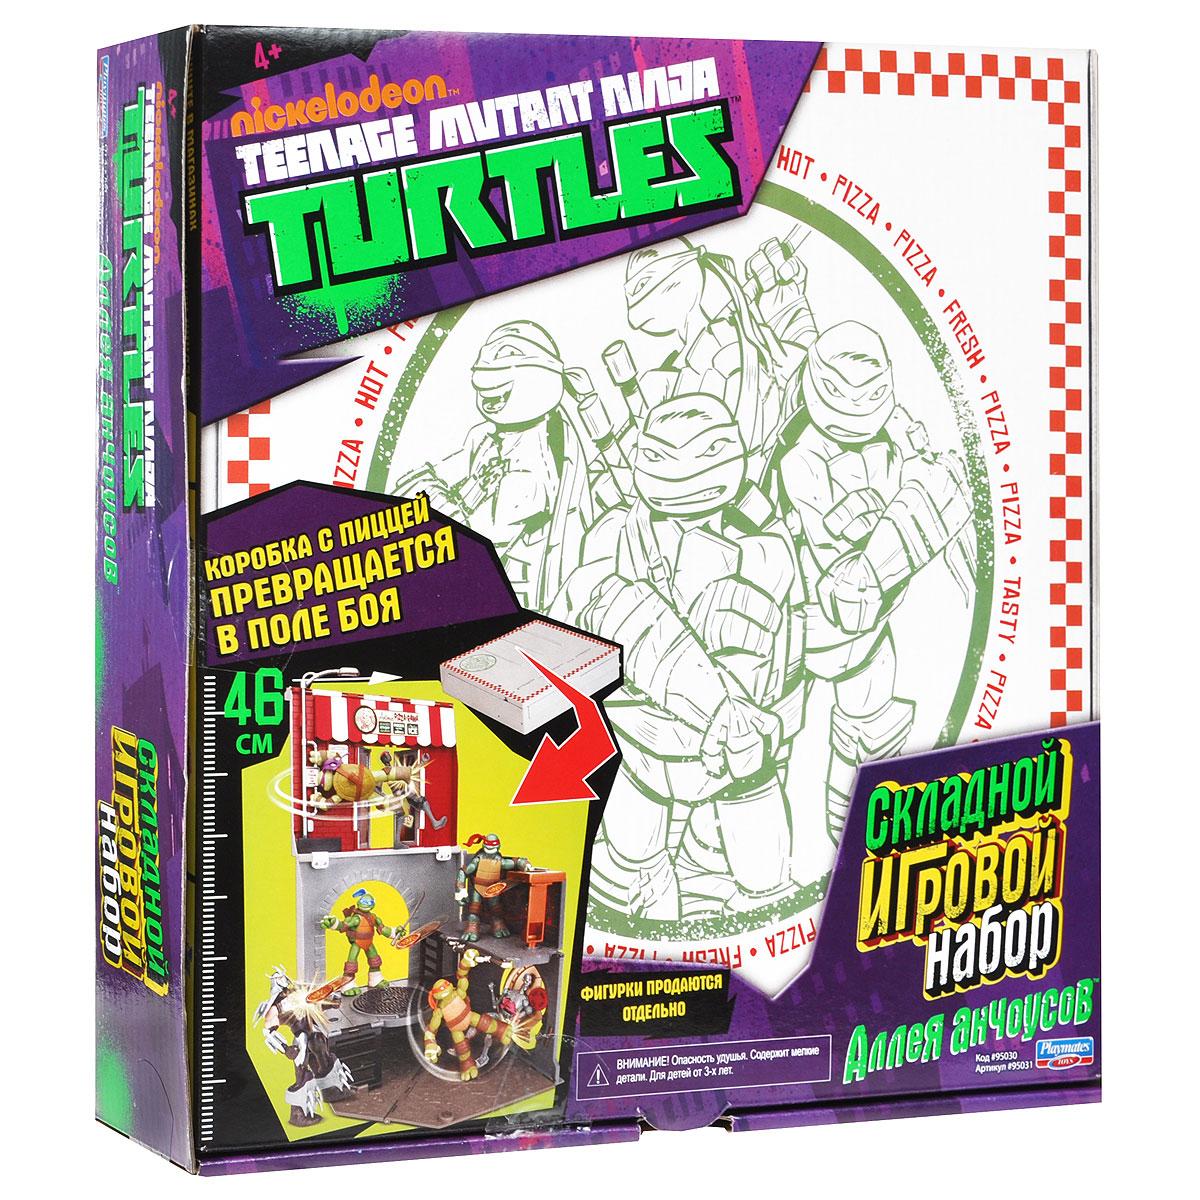 Игровой набор Turtles